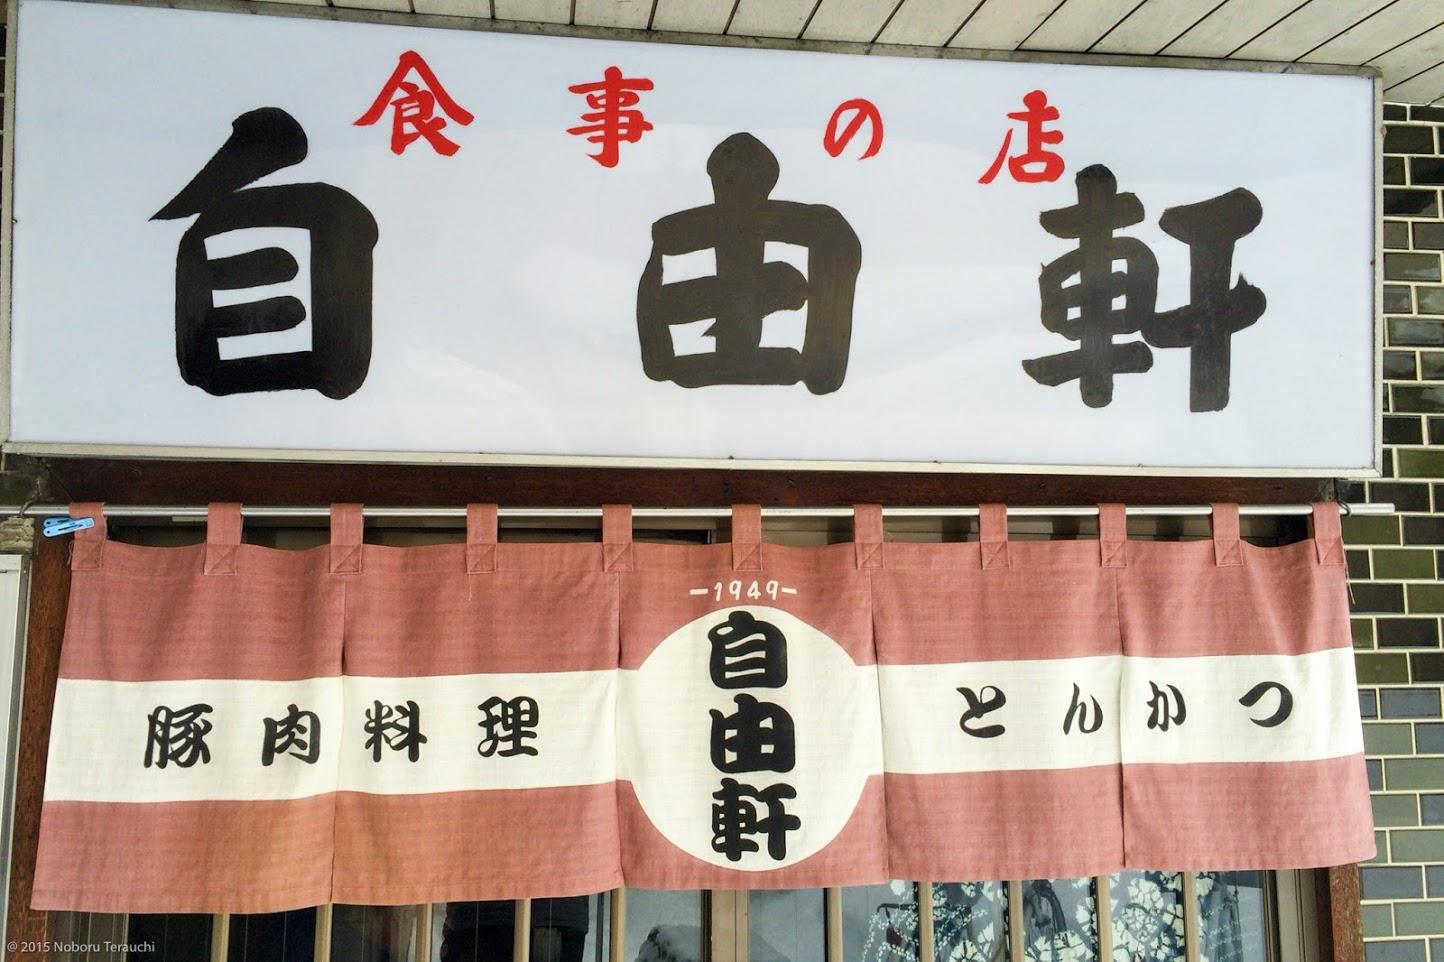 とんかつと焼き肉の店・自由軒(旭川市)